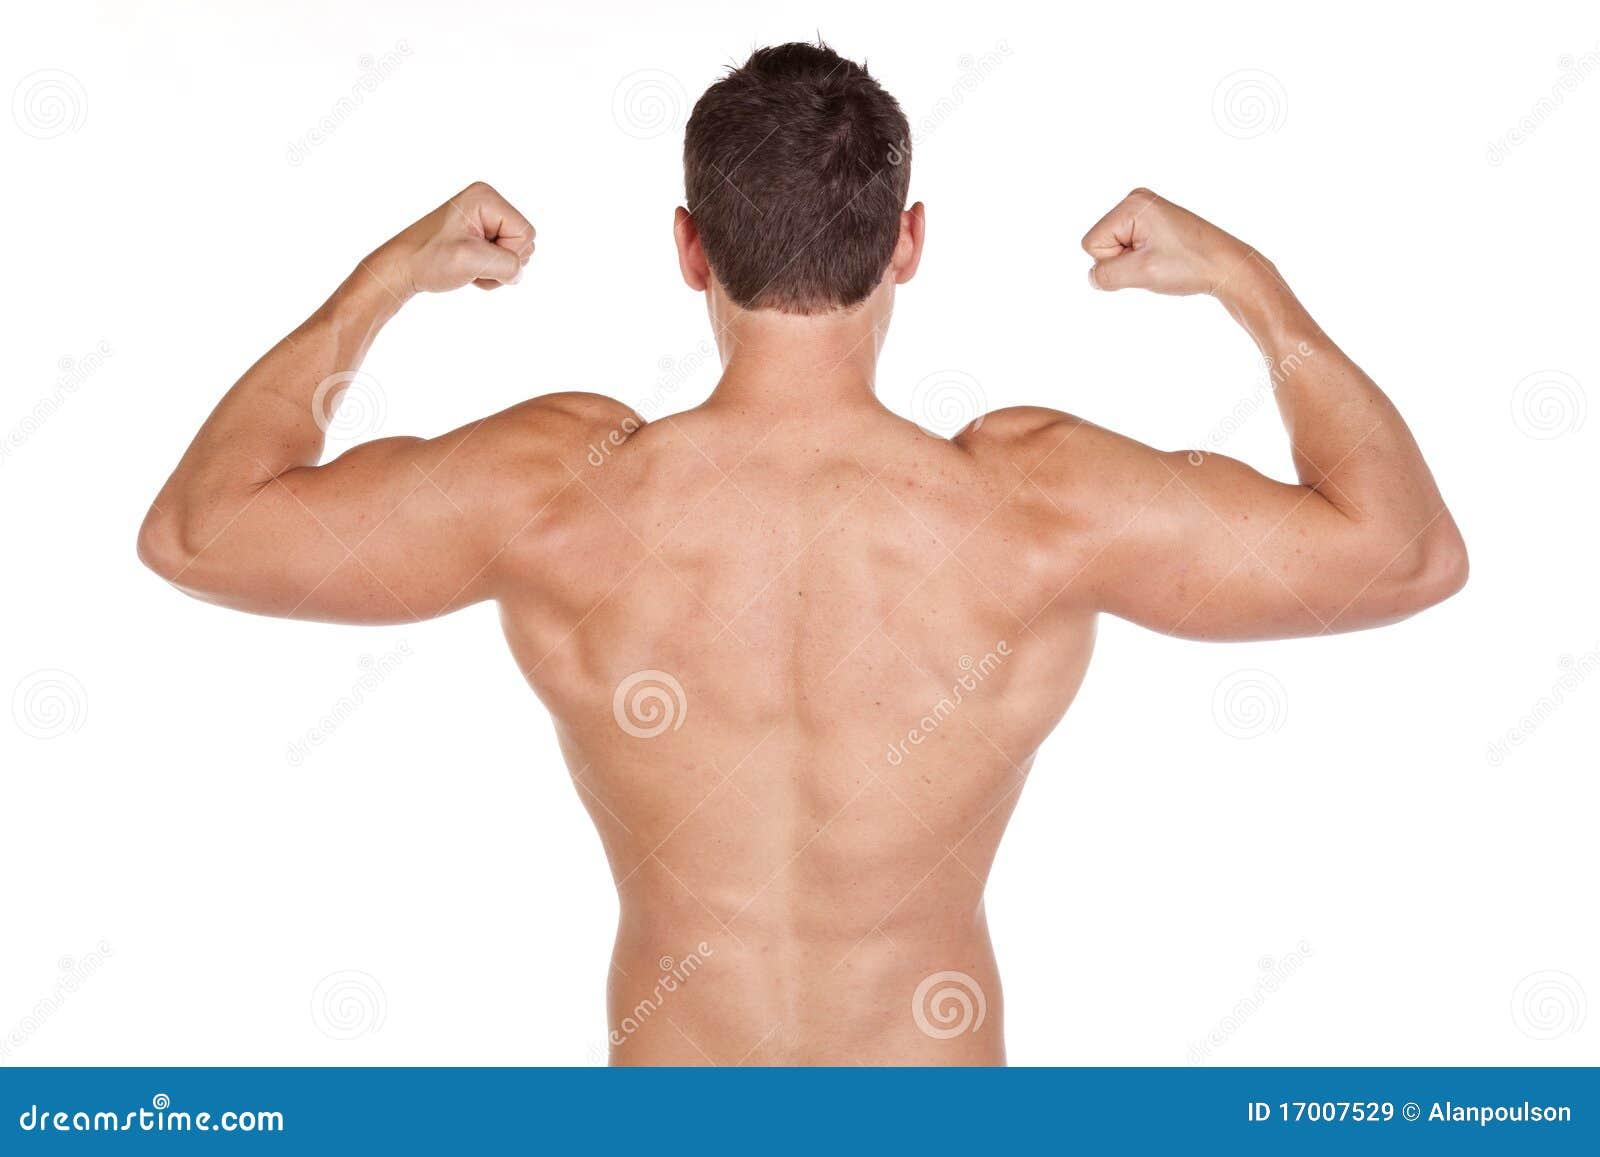 Rückenmuskel stockbild. Bild von lebensstil, biceps, stattlich ...